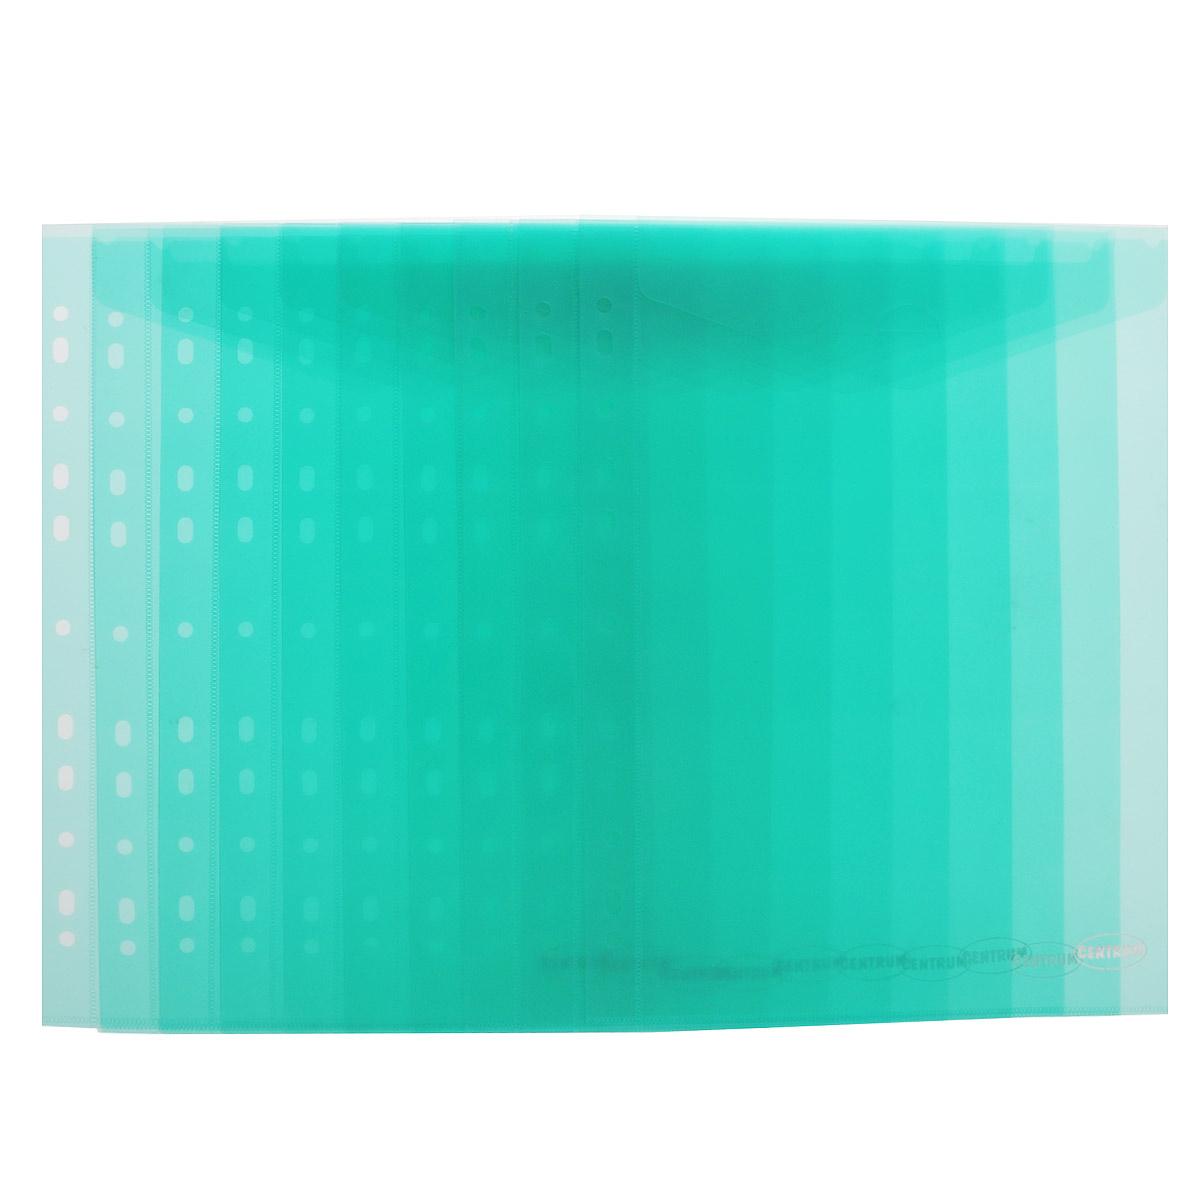 Папка-конверт Centrum, вертикальная, с перфорацией, цвет: зеленый. Формат А4, 10 шт папки канцелярские centrum папка регистр а4 5 см фиолетовая